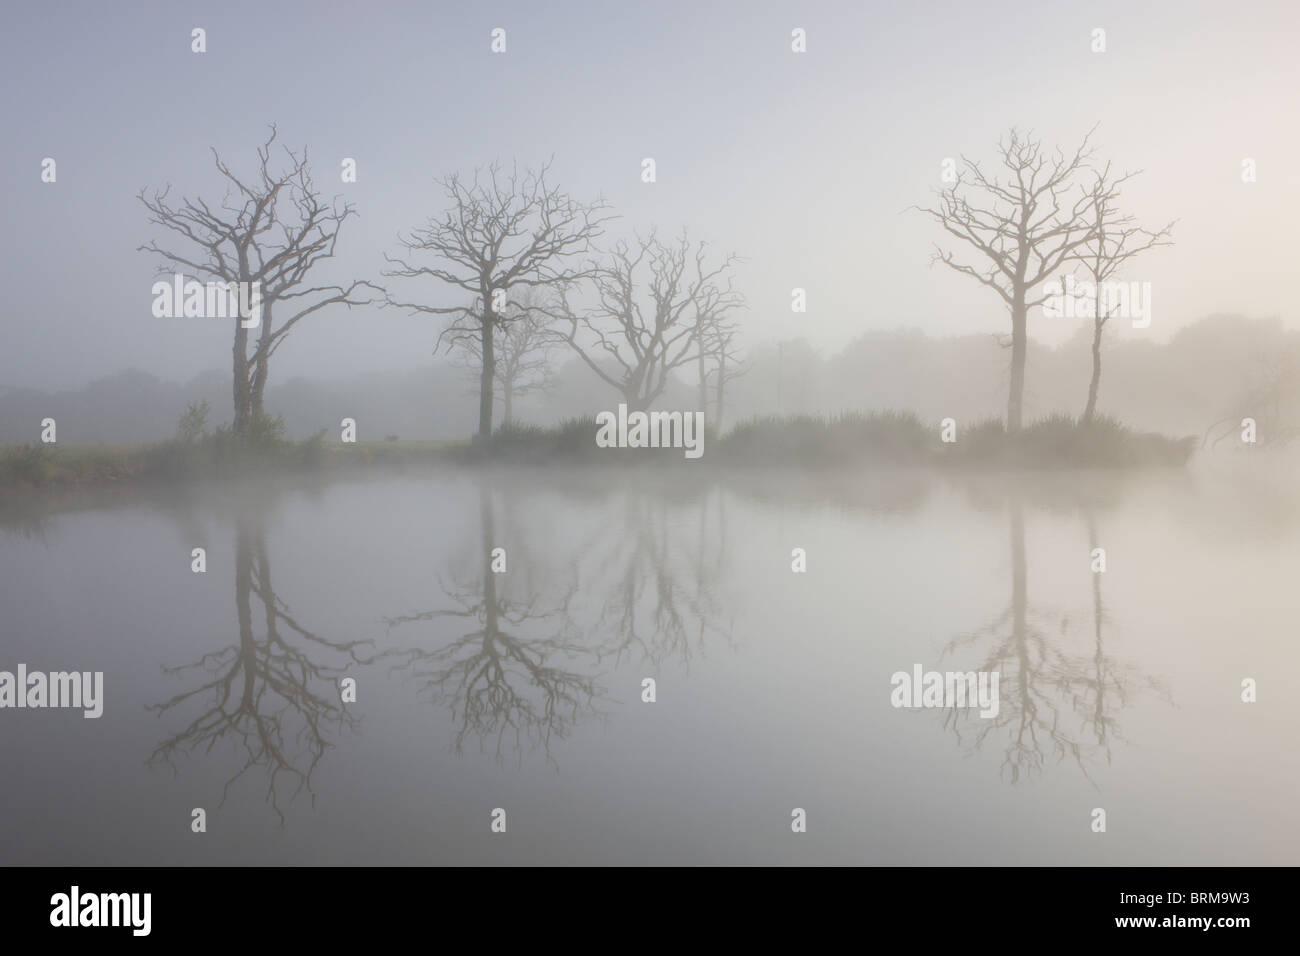 Foschia mattutina su un lago per la pesca sportiva con gli alberi morti, Morchard Road, Devon, Inghilterra. Immagini Stock